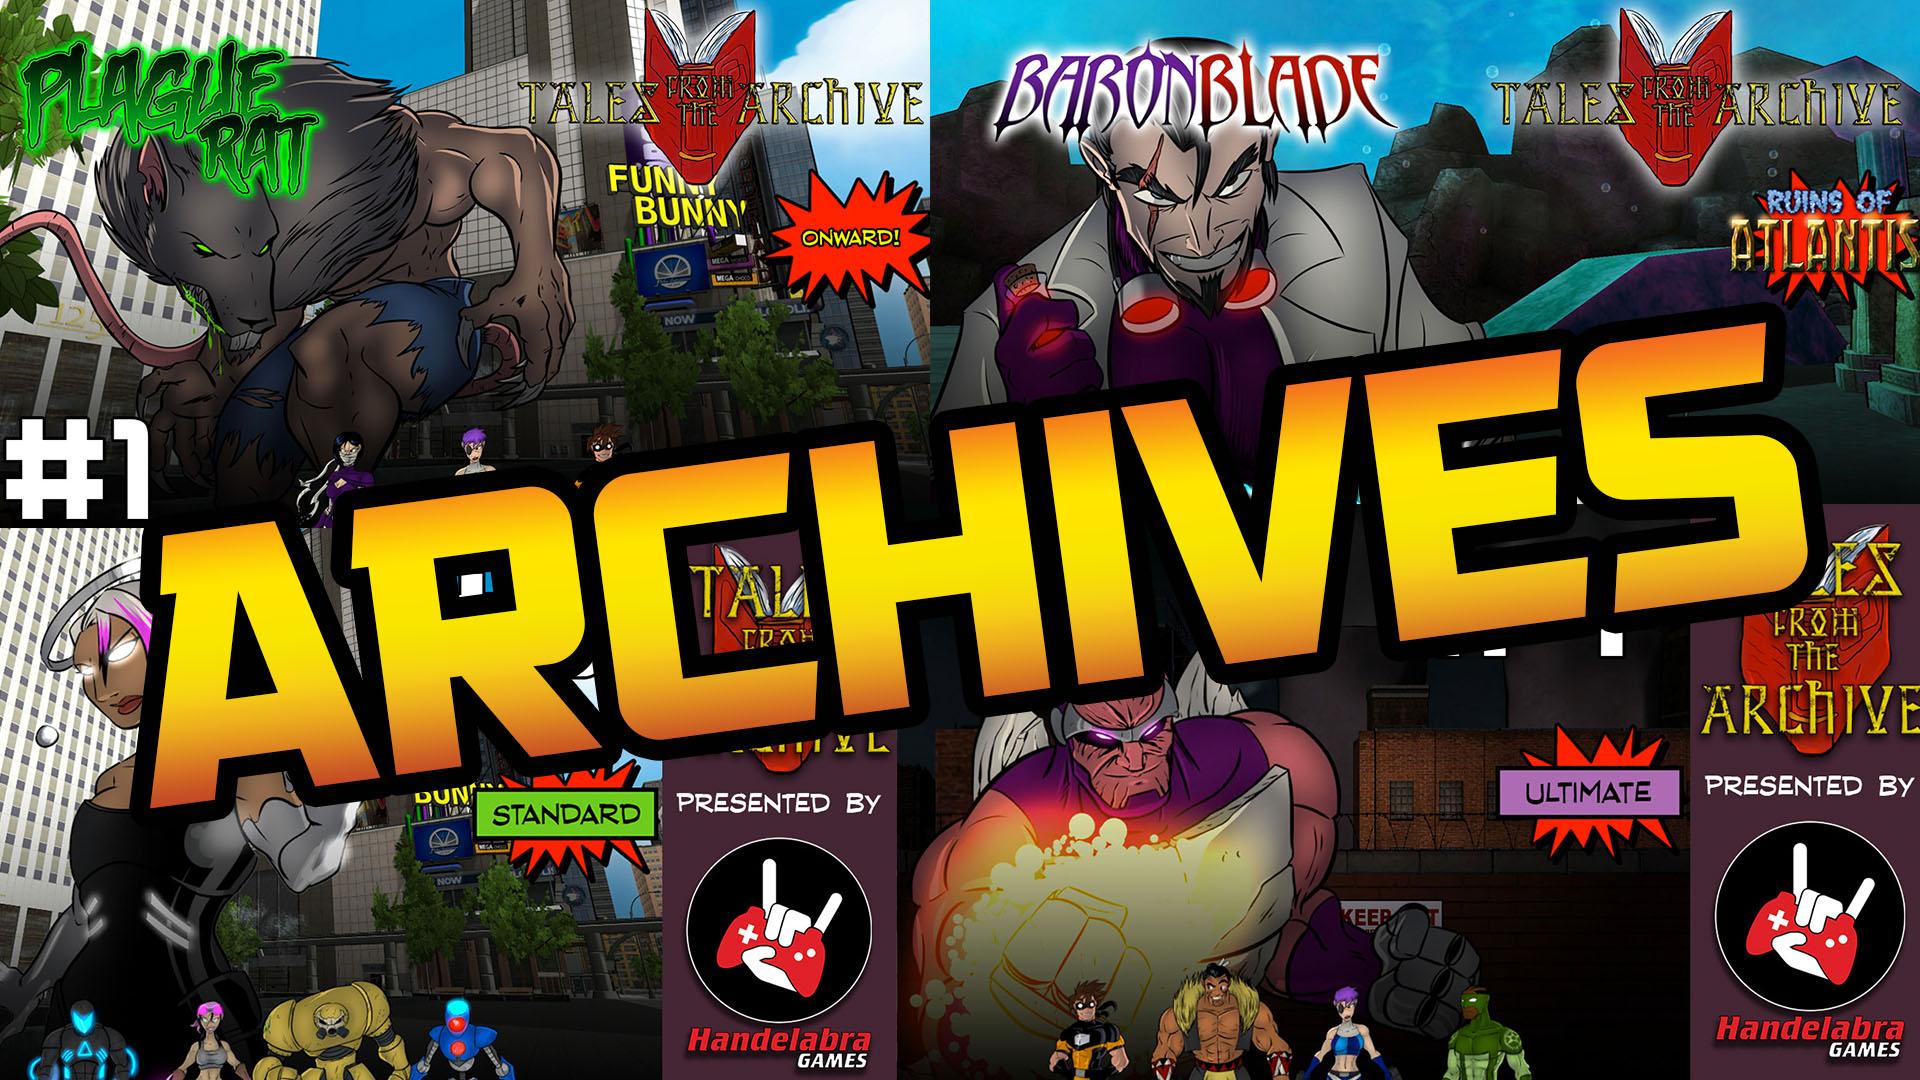 View previous episodes on YouTube